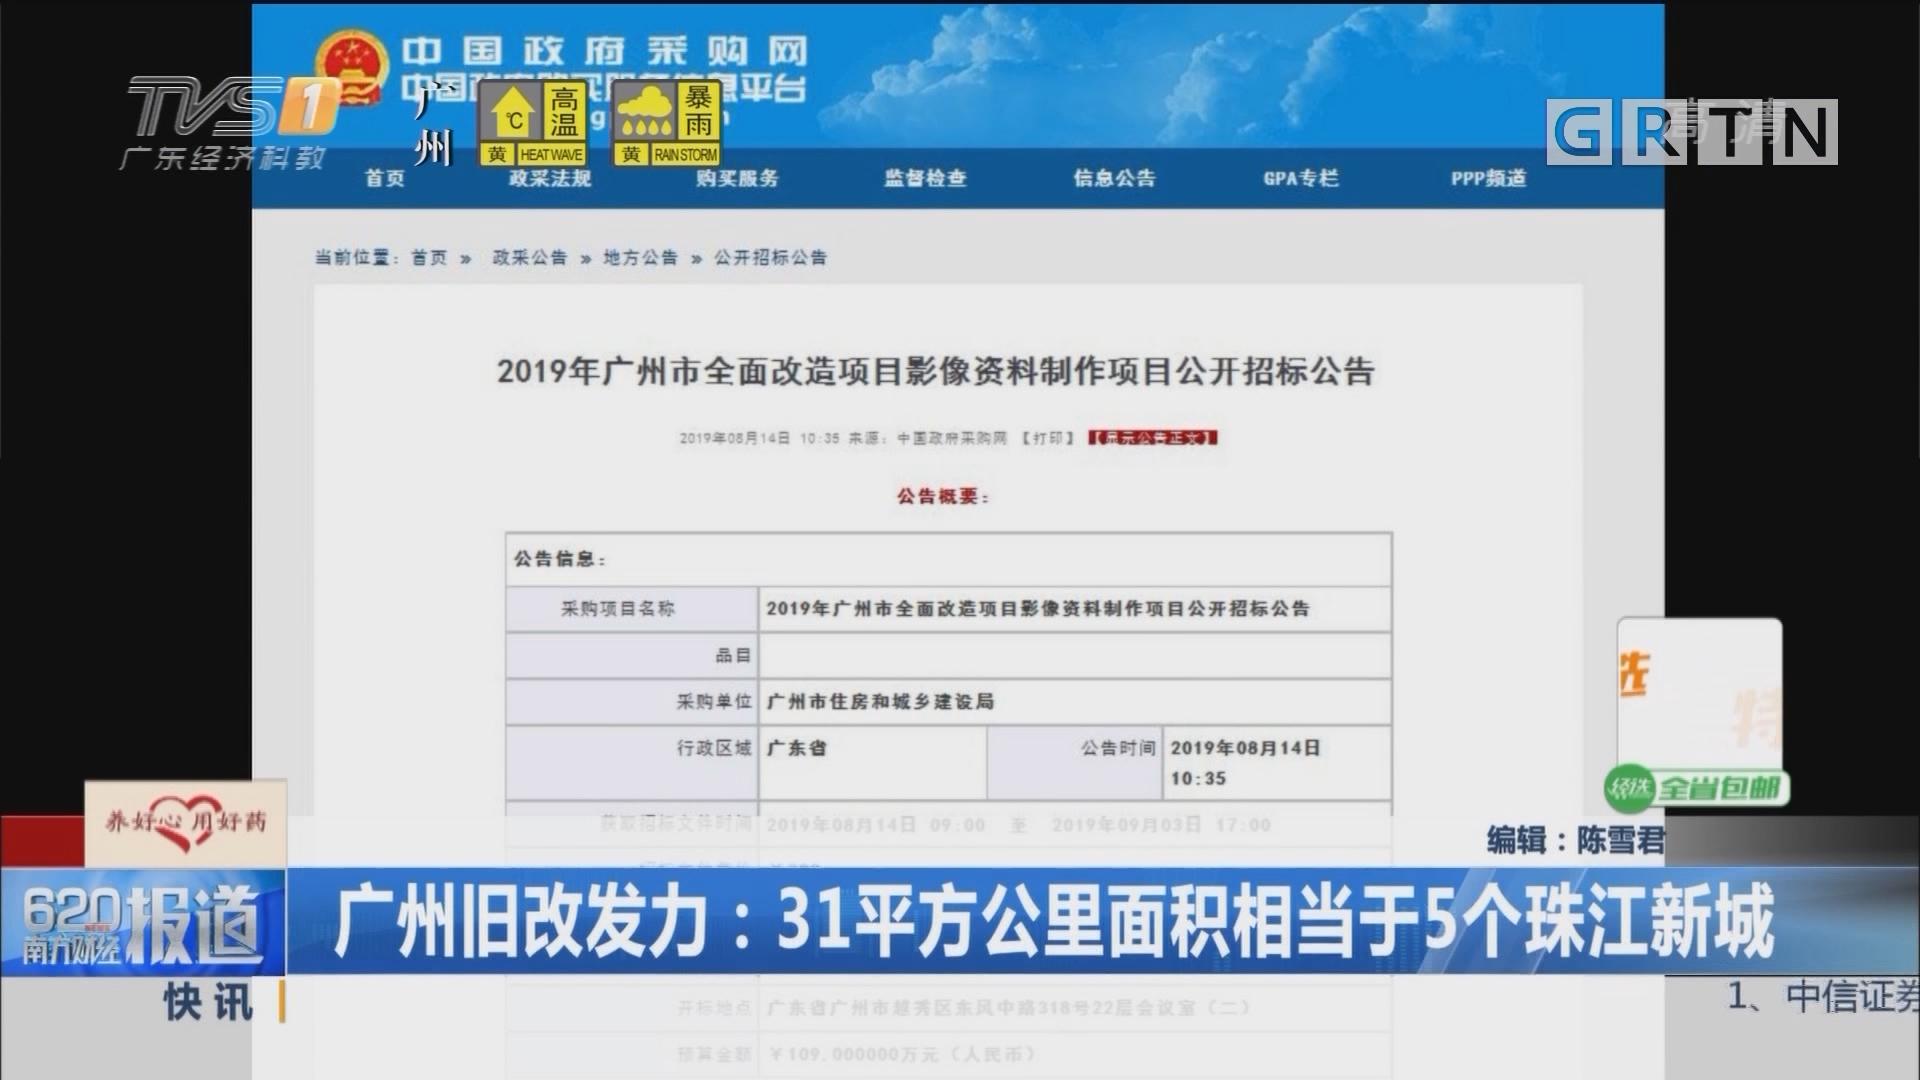 广州旧改发力:31平方公里面积相当于5个珠江新城